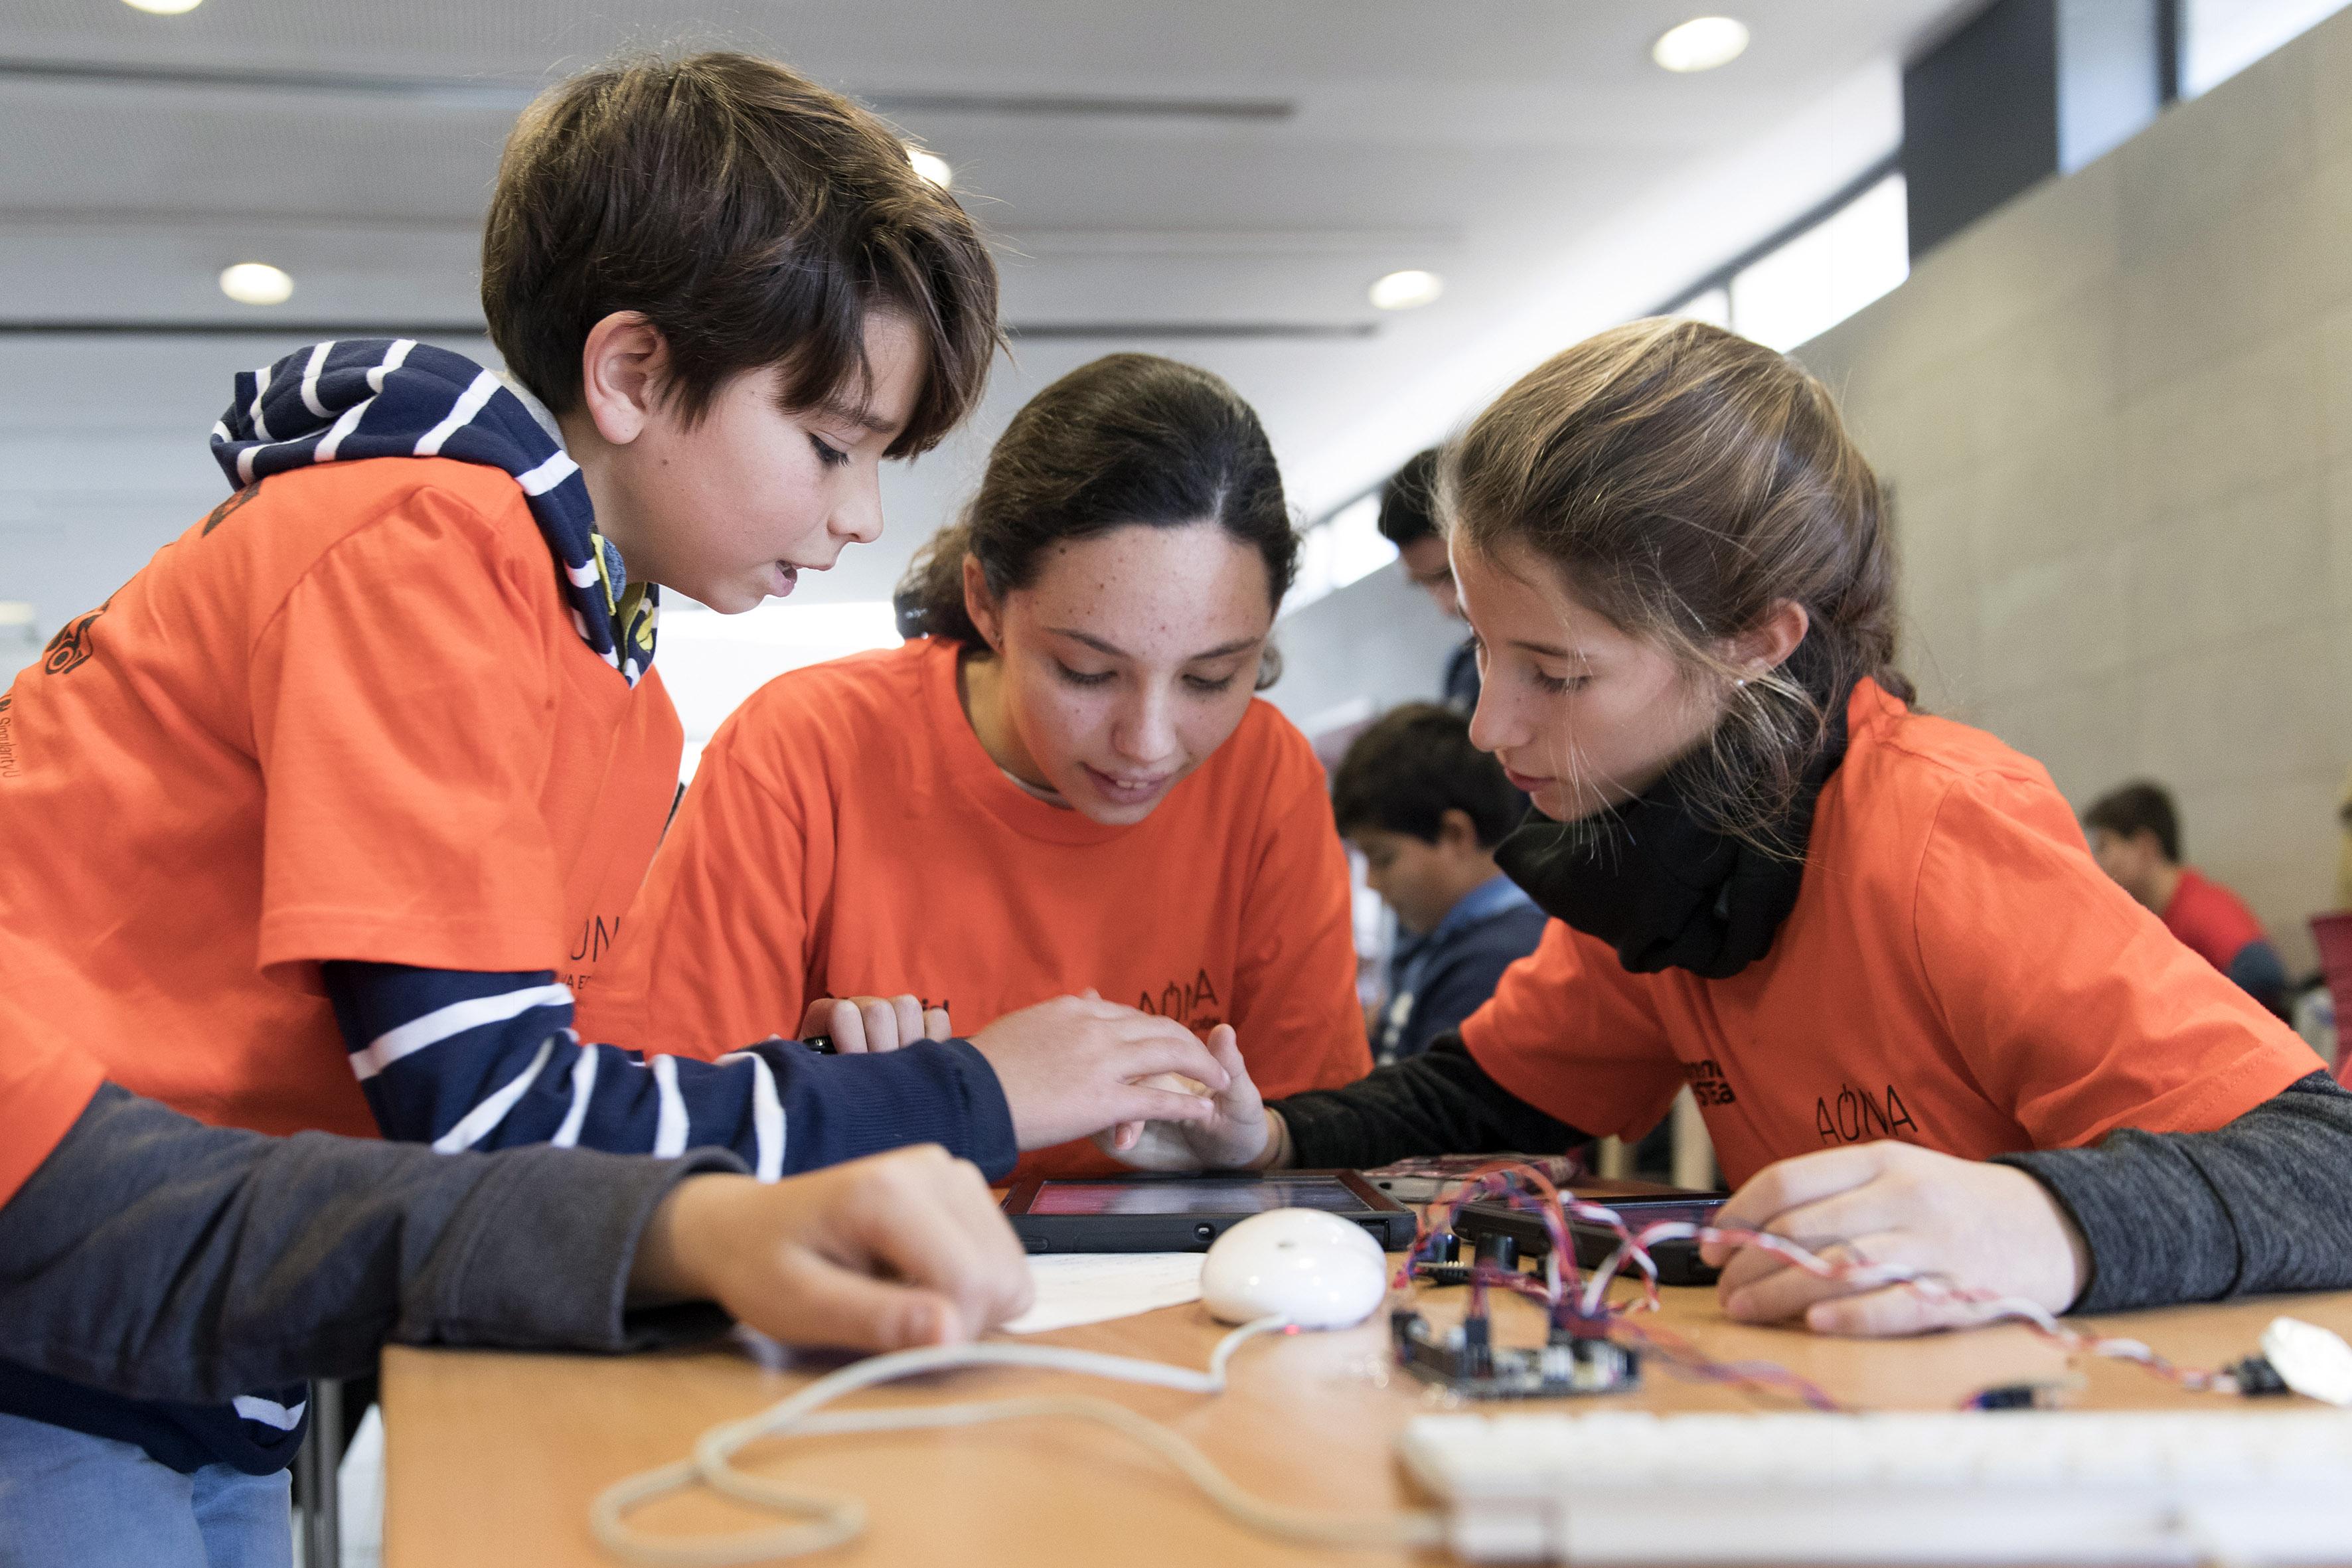 NOTA DE PRENSA: ESTUDIANTES SEVILLANOS CREAN SOLUCIONES TECNOLÓGICAS PARA LOS PROBLEMAS DE GOBERNANZA Y EDUCACIÓN DE SEVILLA EN LA PRÓXIMA DÉCADA